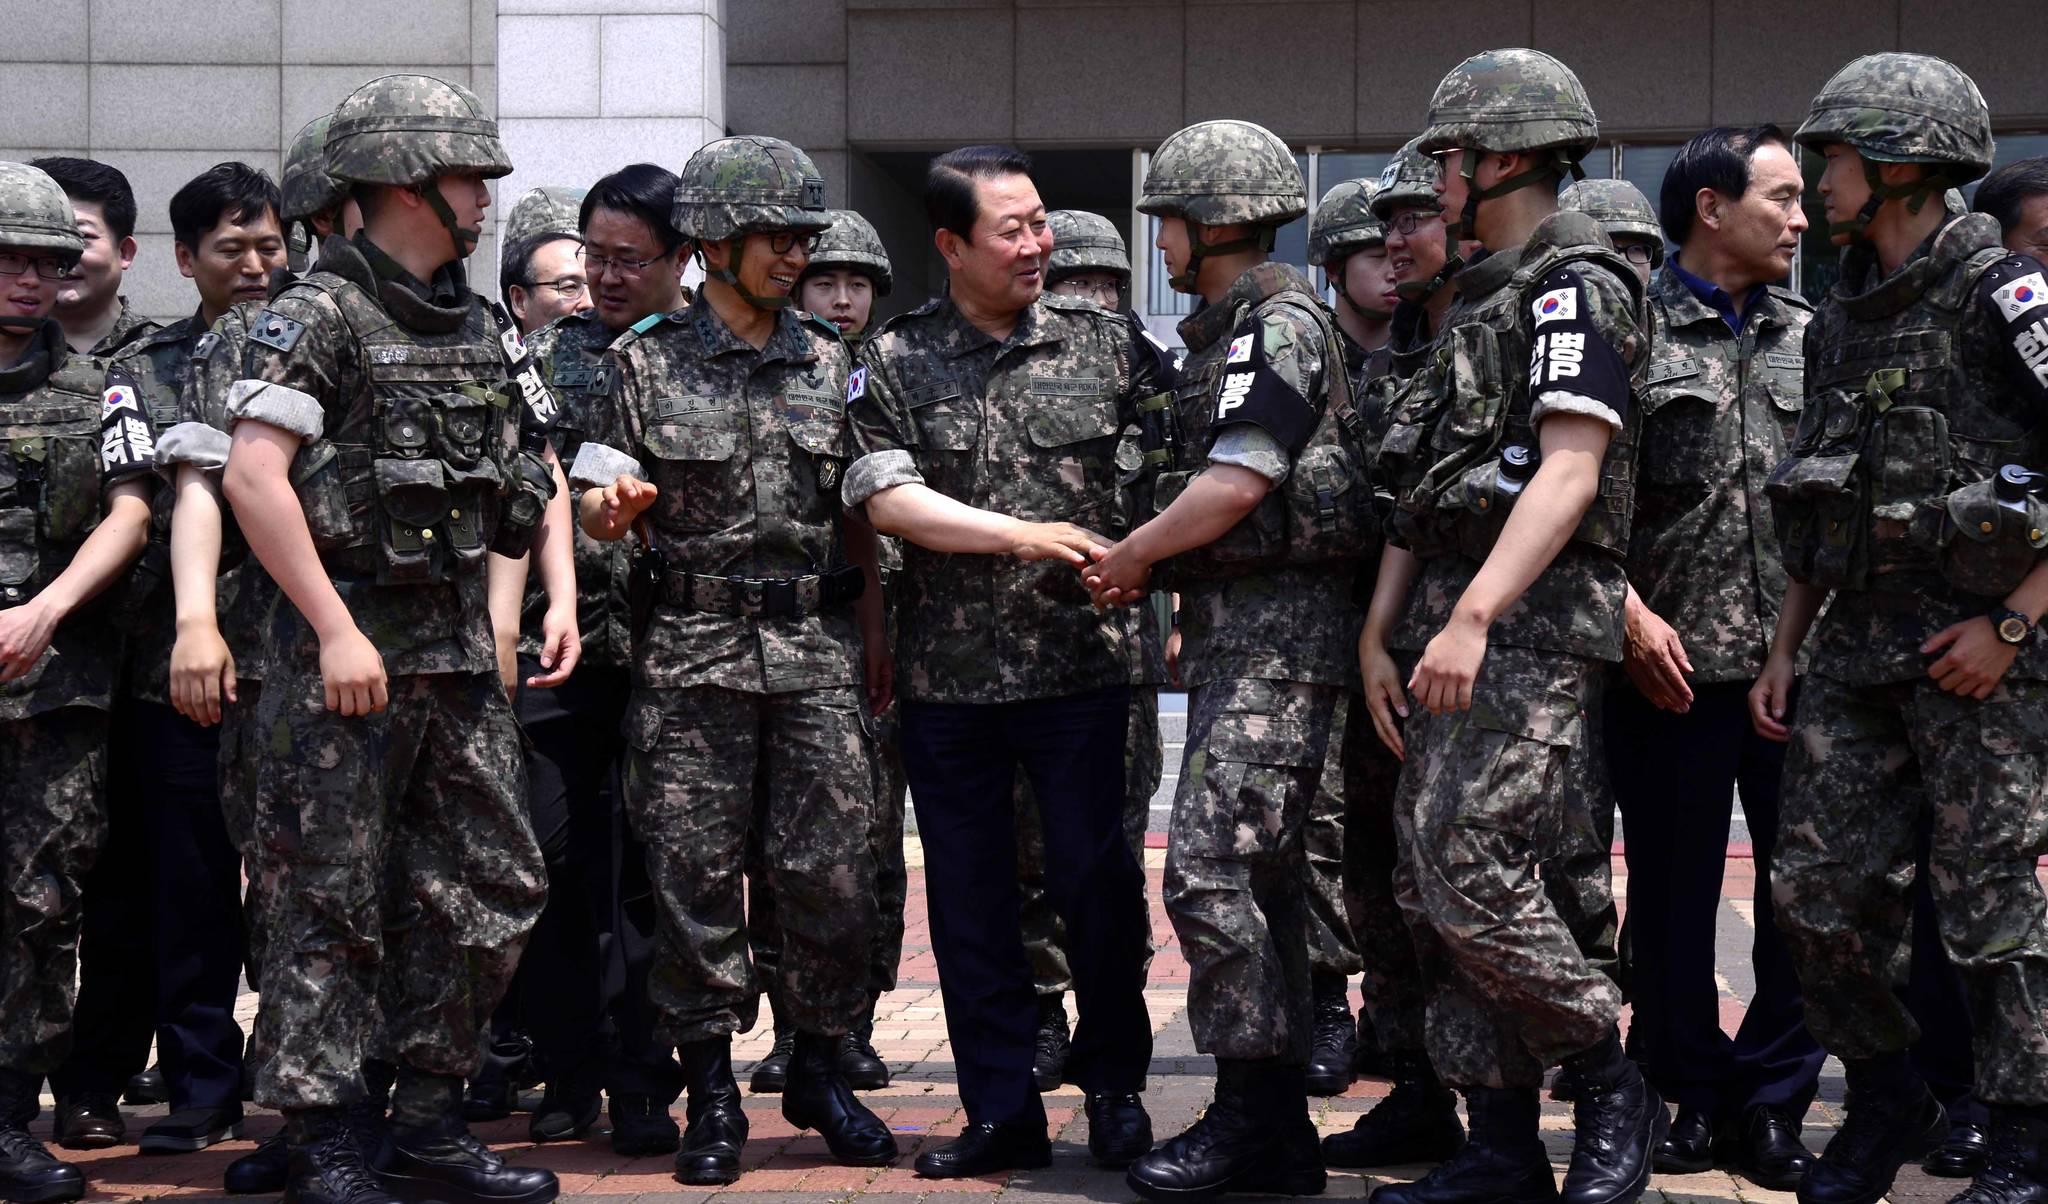 박주선 국민의당 비상대책위원장을 비롯한 지도부가 20일 오전 강원도 철원 평화전망대를 방문, 군장병들을 격려하고 있다. [국회사진기자단]